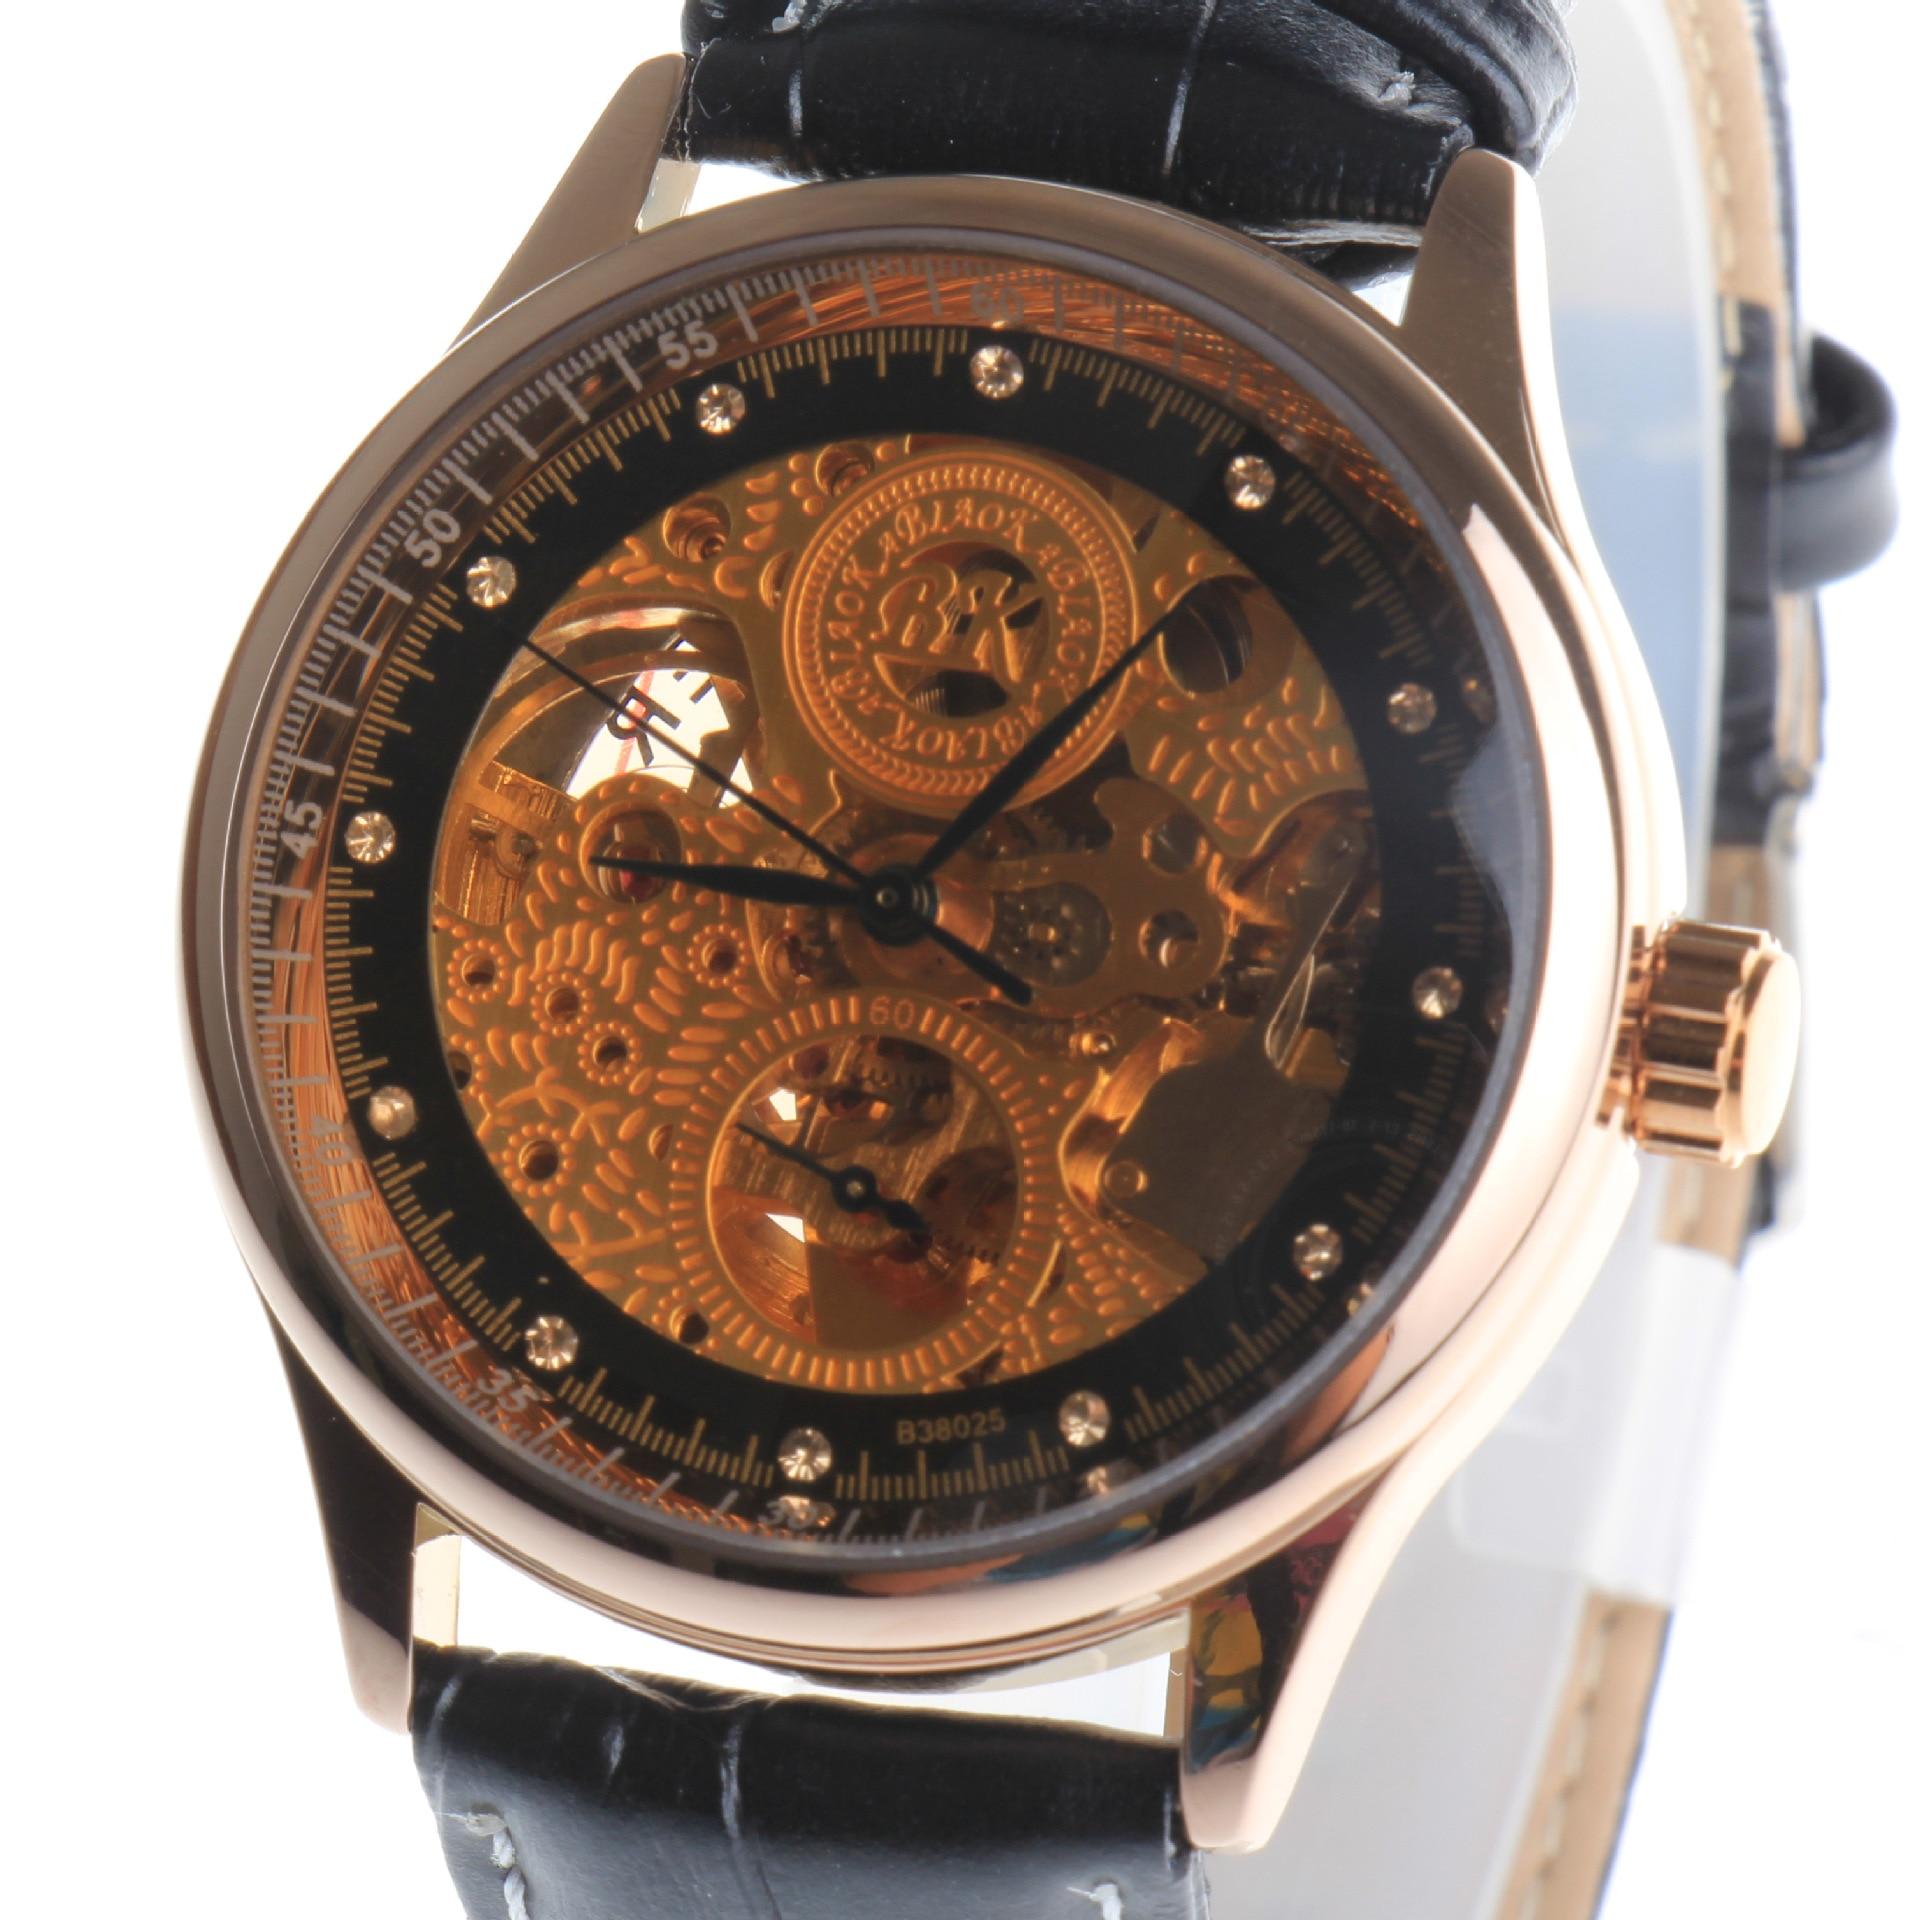 BIAOKA Brand New Fashion Gold Watch Stylish Steel Men Male Clock Classic Mechanical Self Wind Wrist